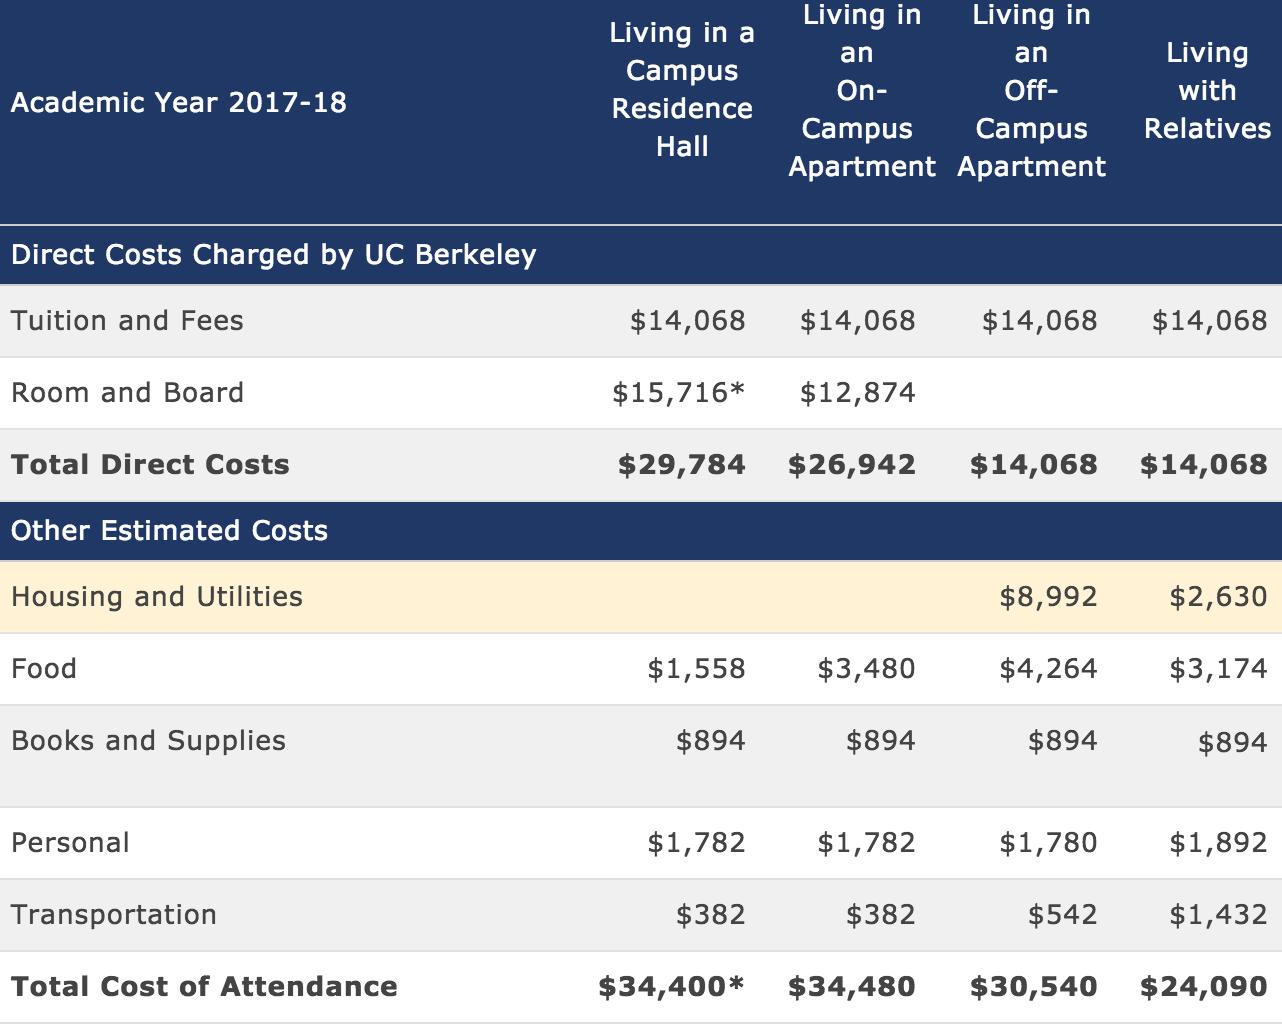 Custos de um ano acadêmico na Universidade da Califórnia